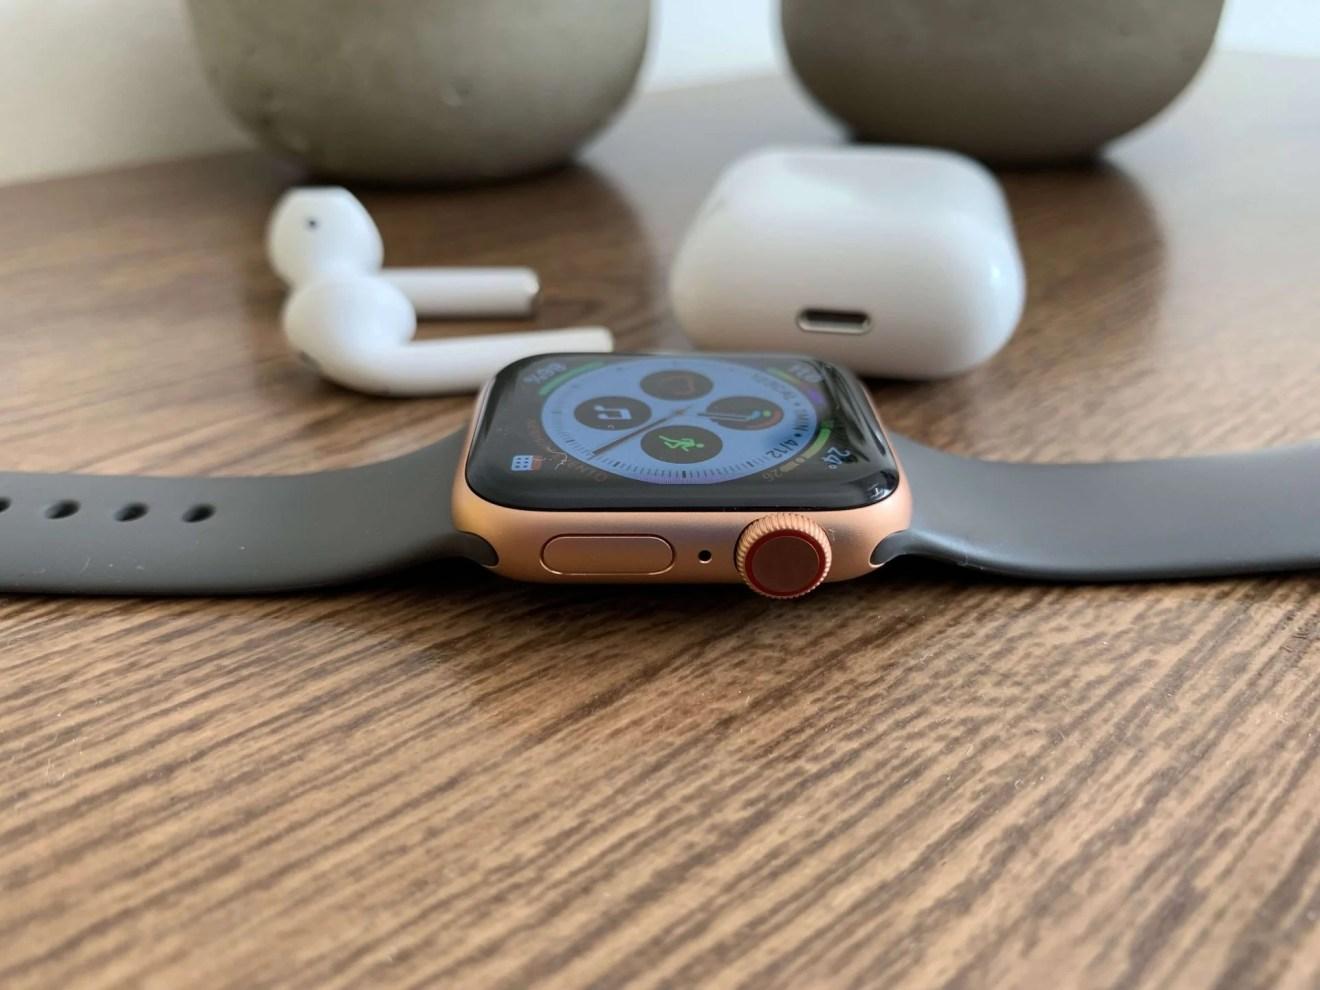 Review: Apple Watch Series 4 - Digital Crown